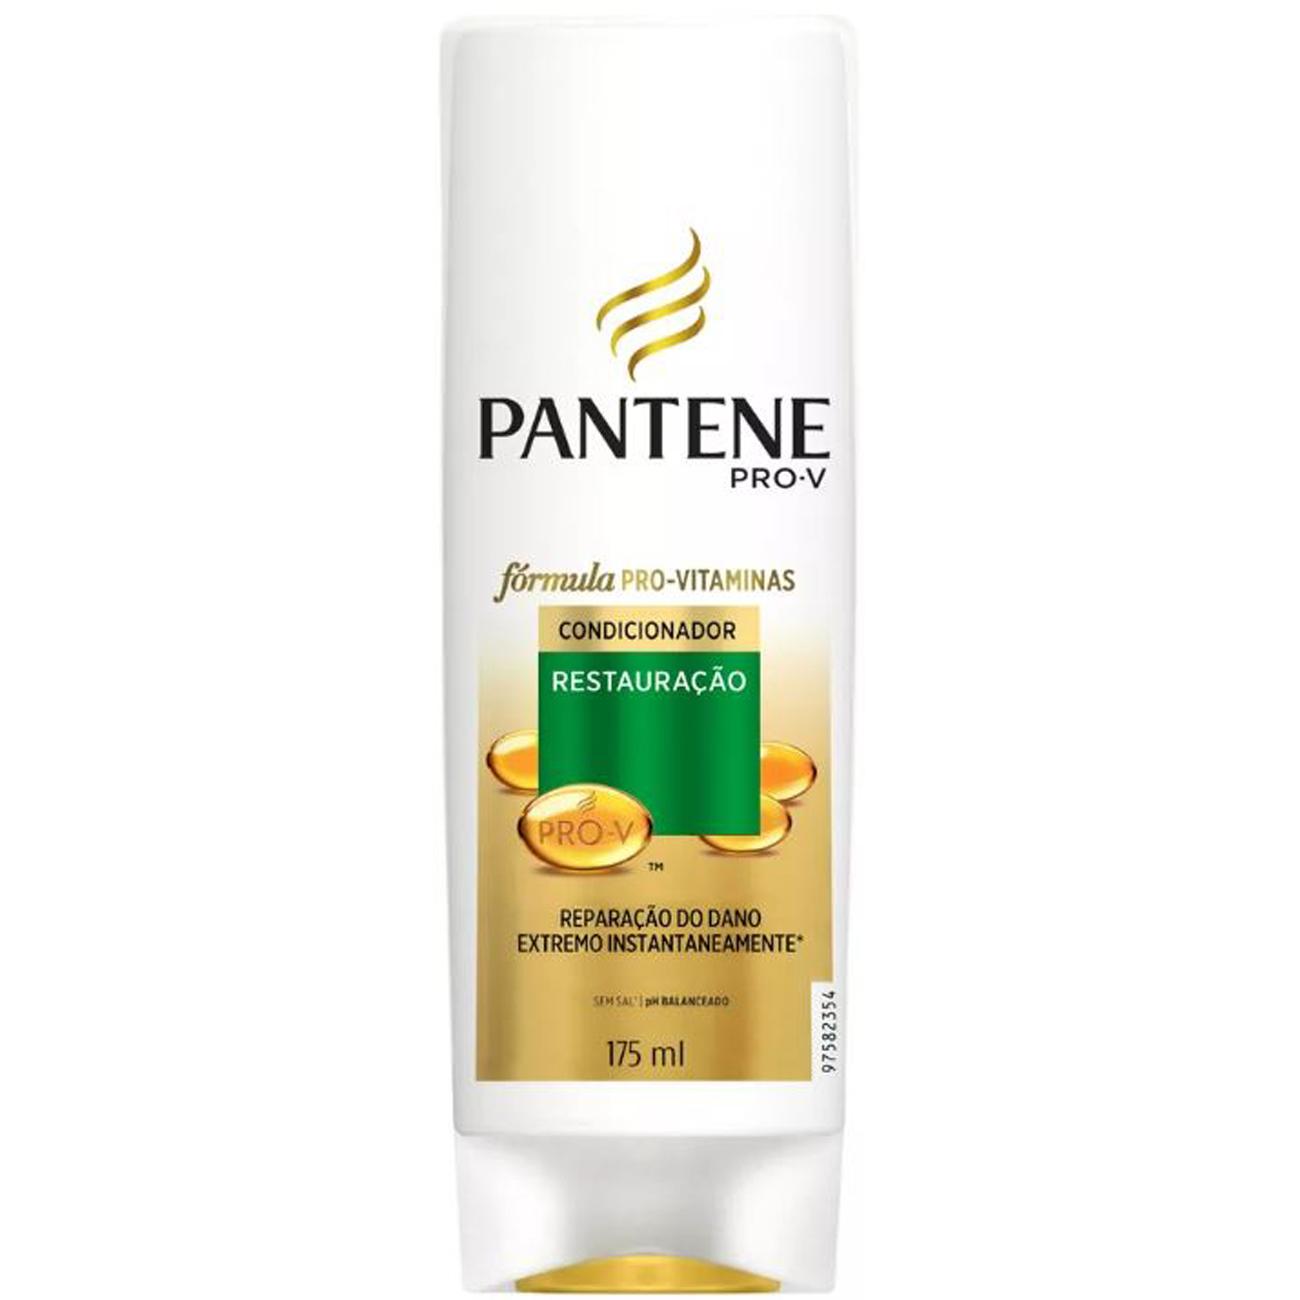 Condicionador Pantene 175Ml Frrestauracao